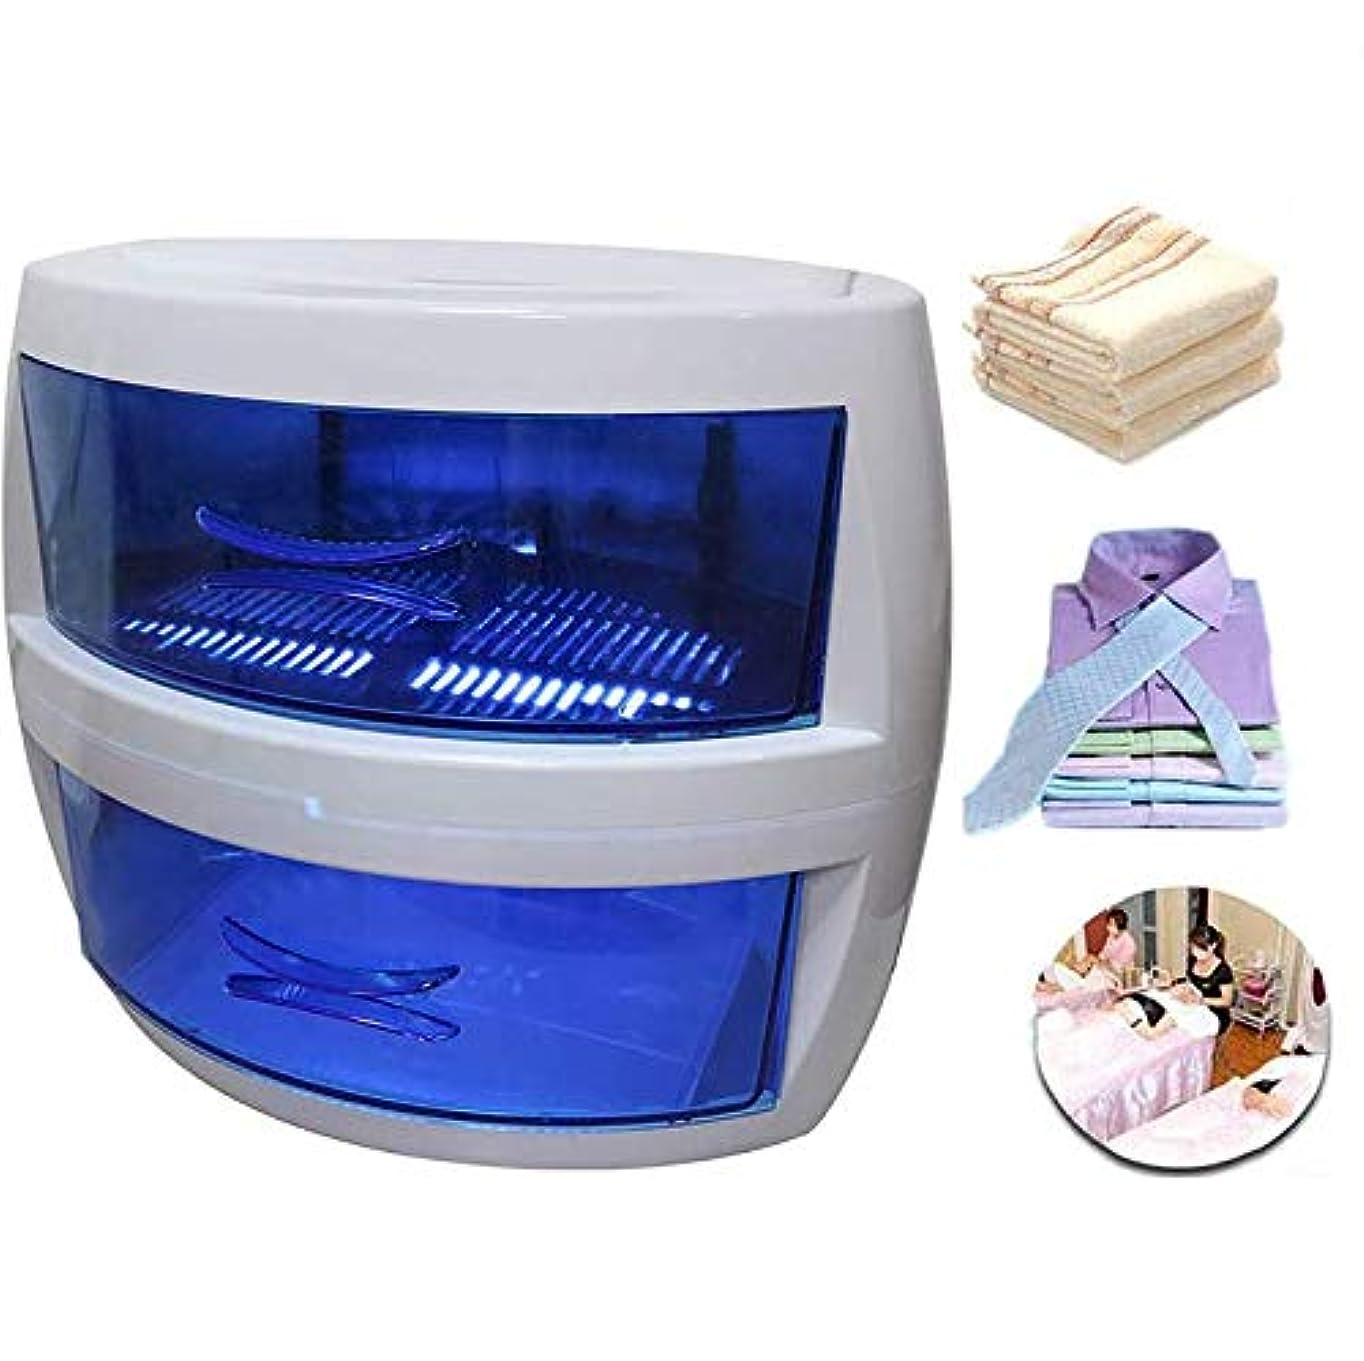 周辺記事勝利UVネイルツール用の二重層デザインの滅菌器UV滅菌器ボックス消毒キャビネットネイルアートツール滅菌器ボックス